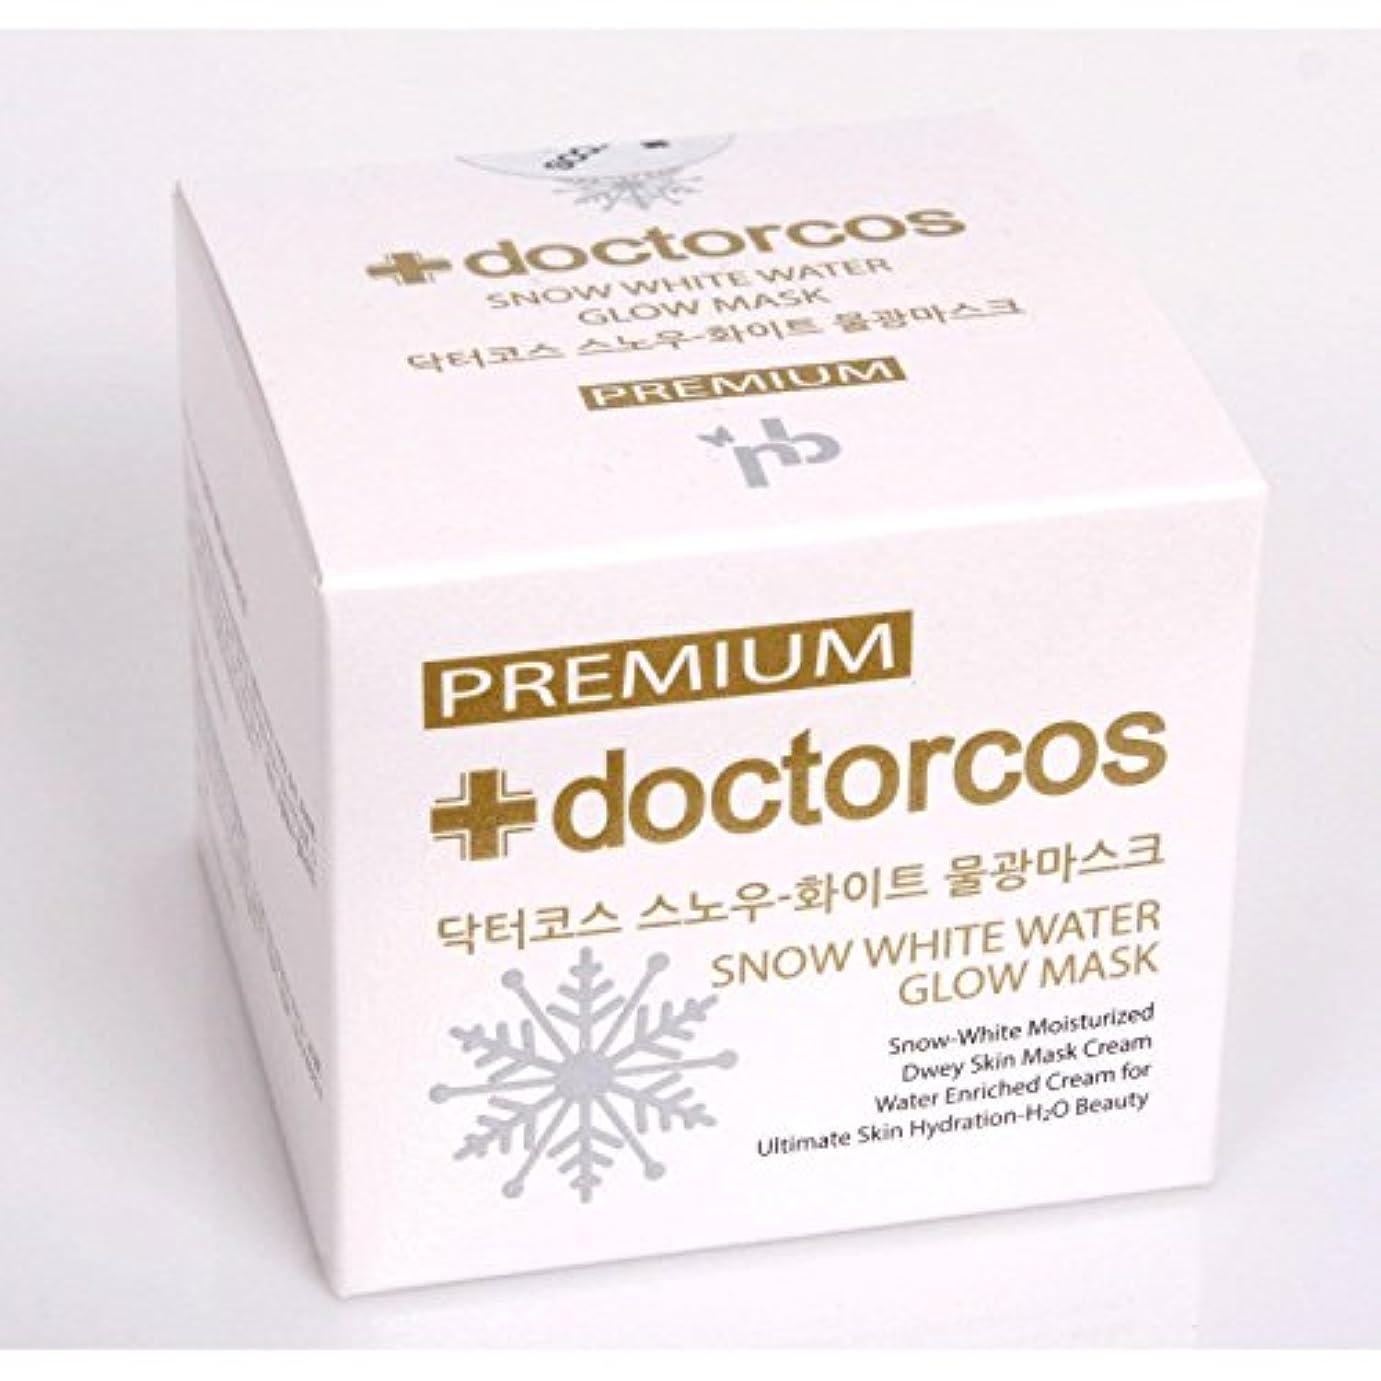 エクステントリゾート開梱Doctorcos Snow White Water Glow Mask Premium 110ml韓国コスメ [ドクターコス doctorcos] ゆき ホワイトウォーター?グローマスクプレミアム /100% Authentic...